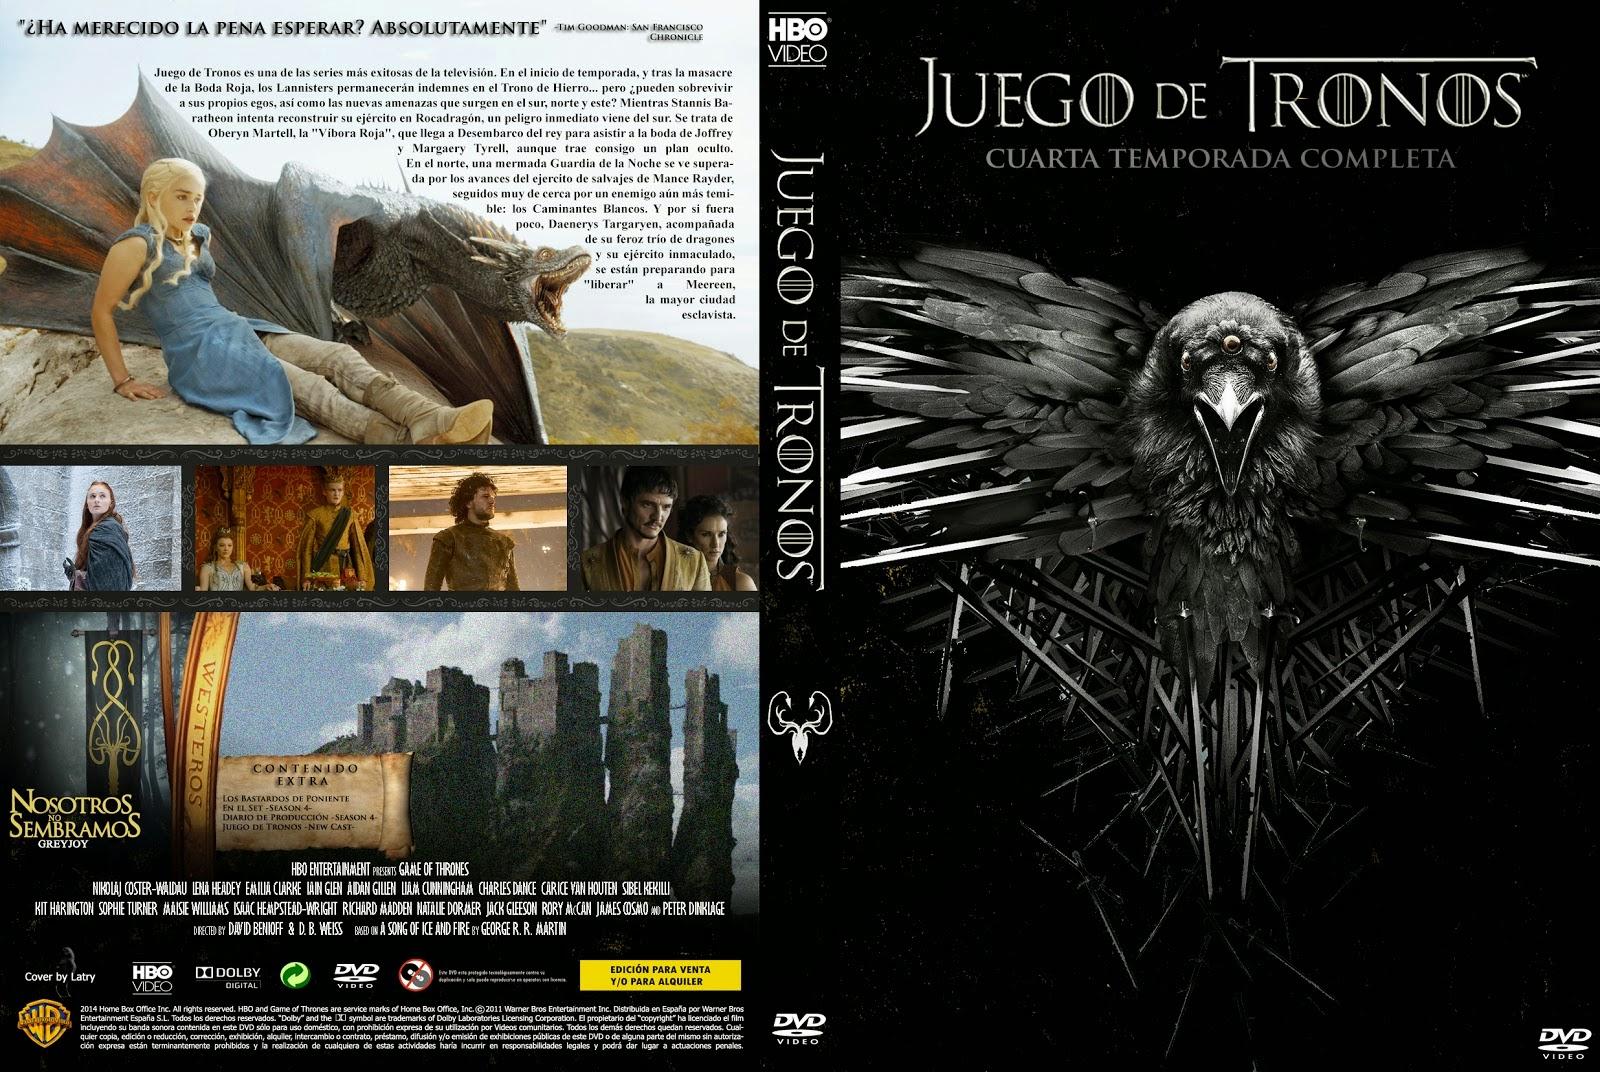 SERIES TV: JUEGO DE TRONOS - CUARTA TEMPORADA